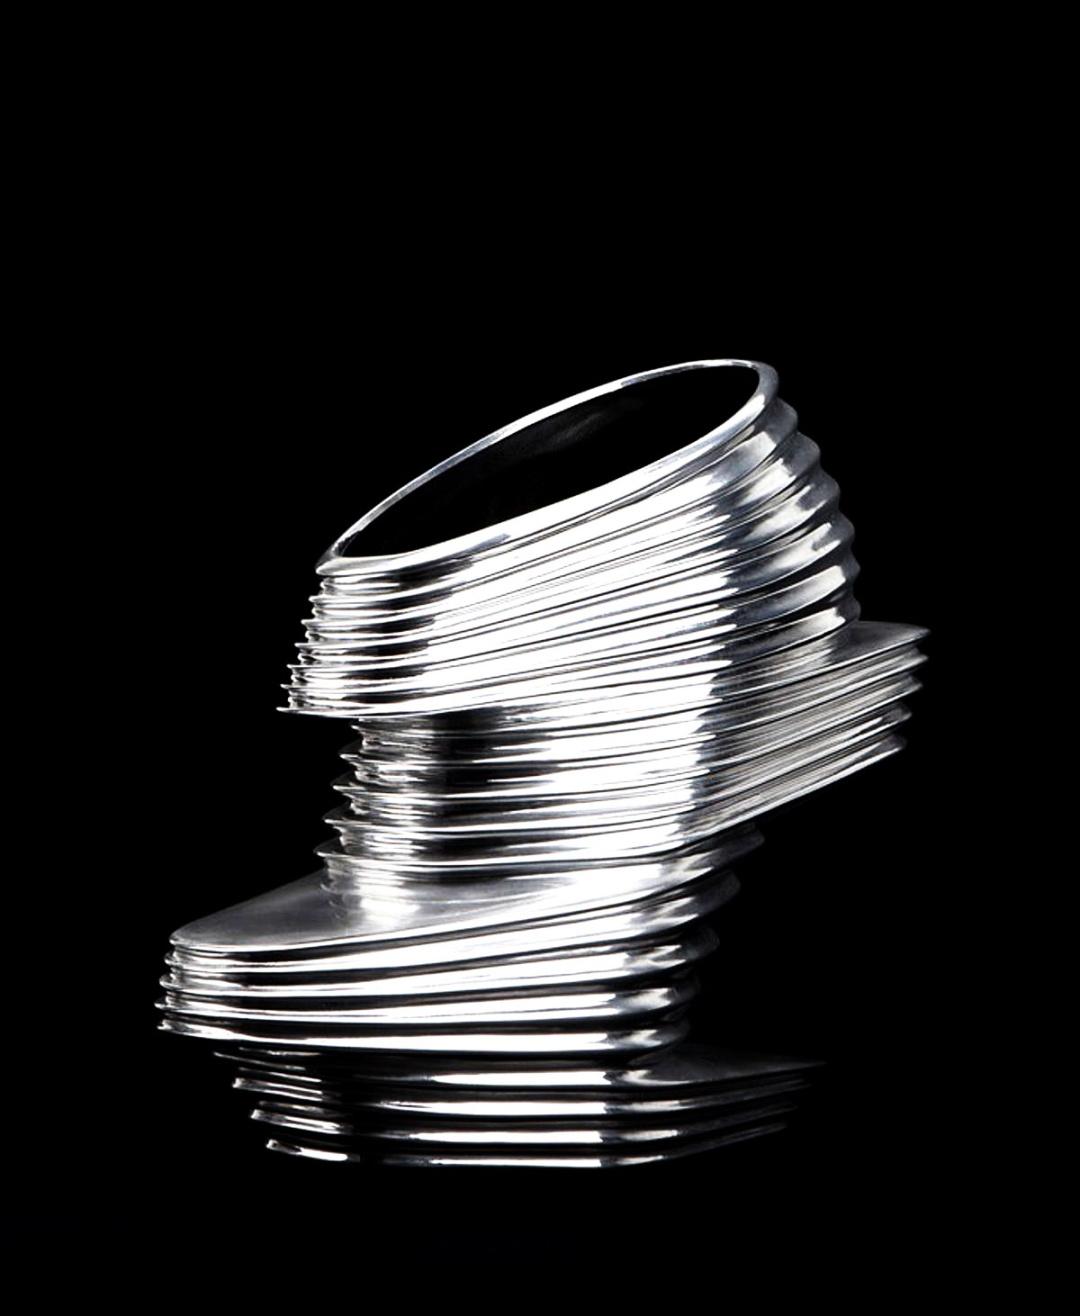 Жіночі черевички Nova з хромованого вінілу з 16-сантиметровим підбором